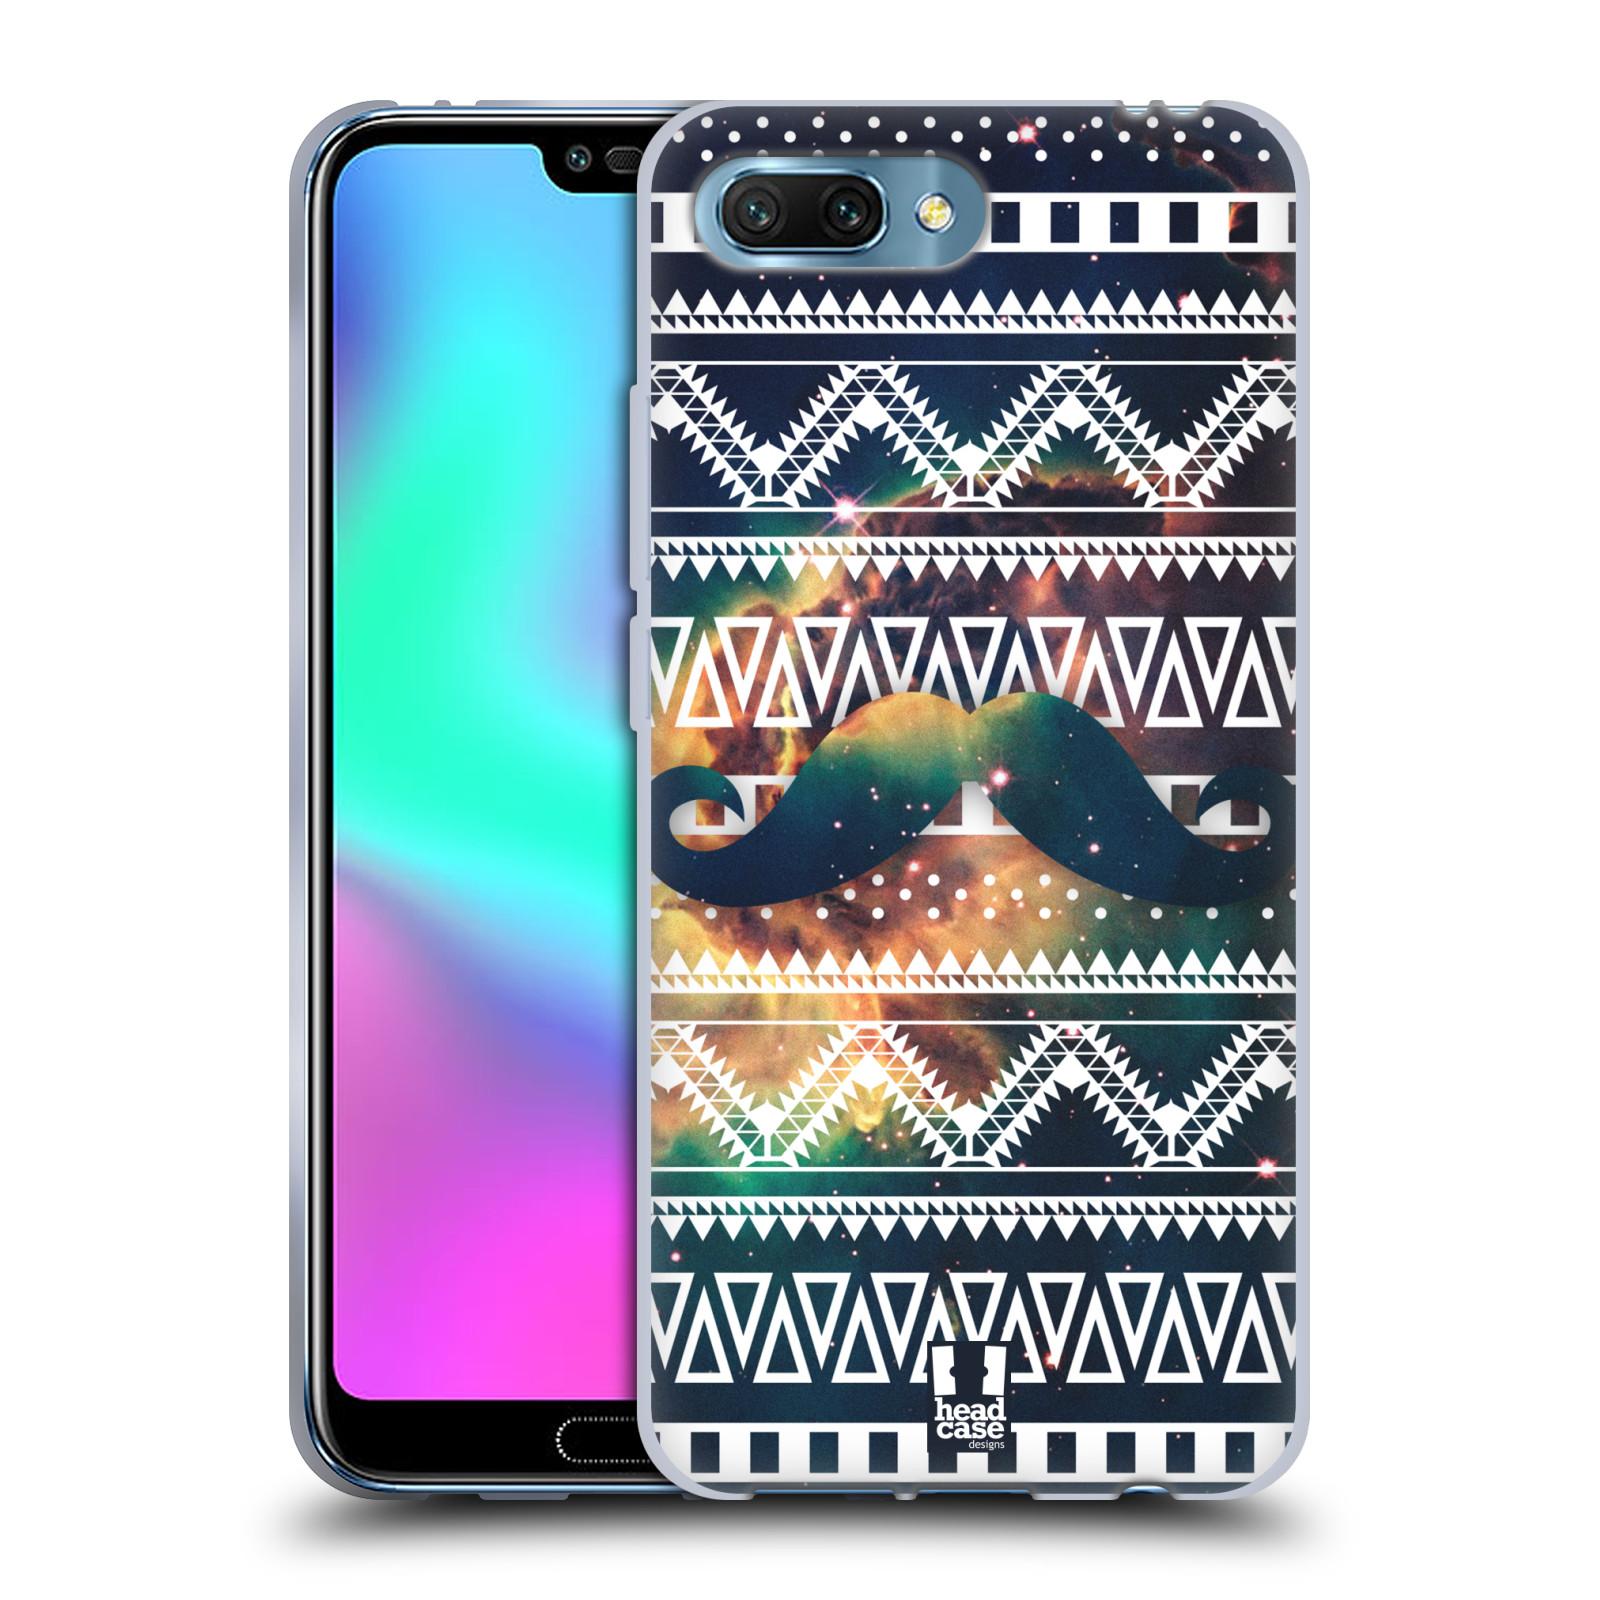 Silikonové pouzdro na mobil Honor 10 - Head Case - AZTEC KNÍR